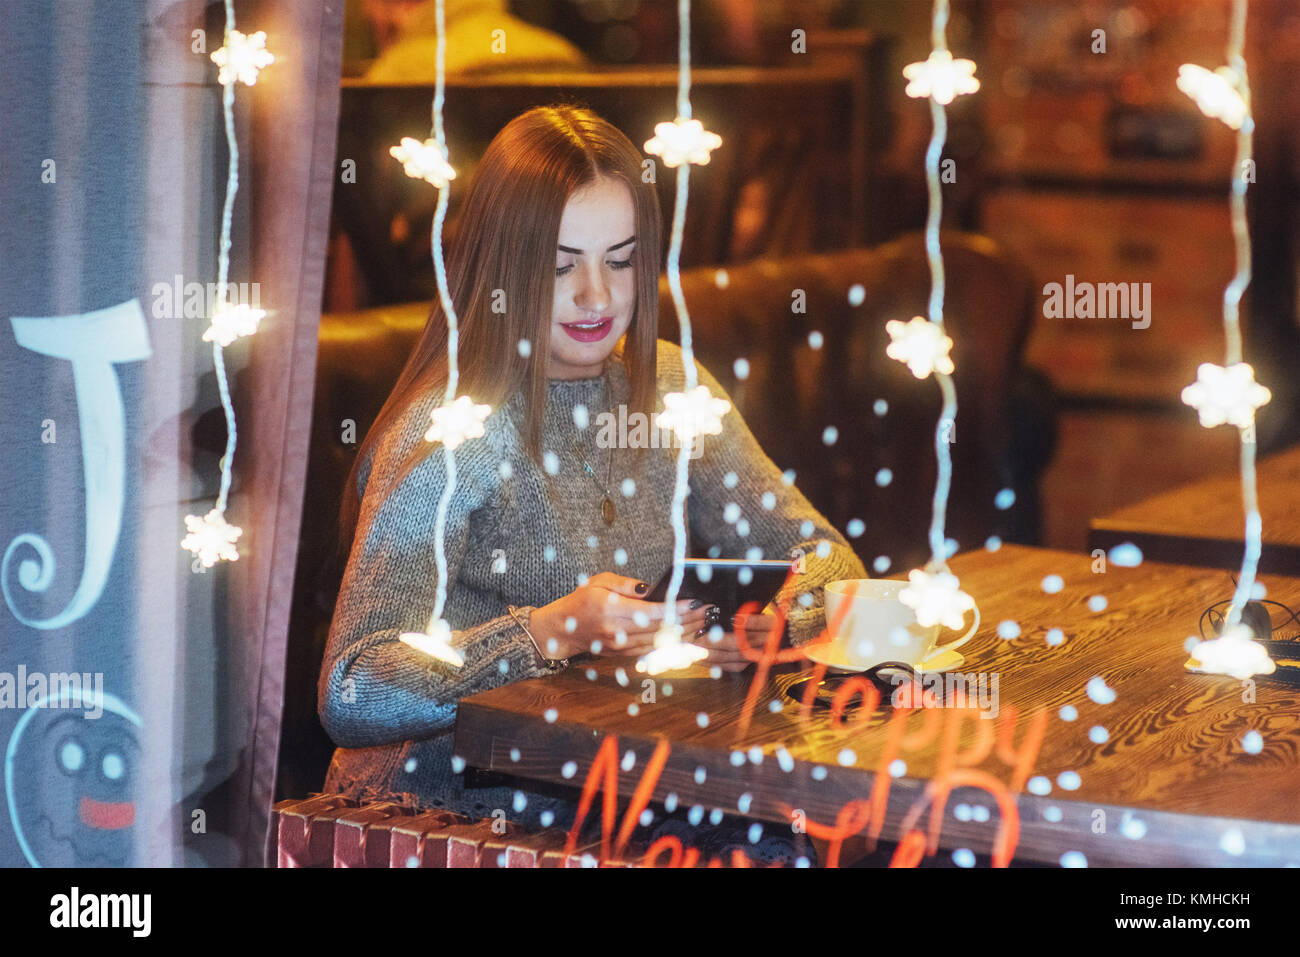 Hermosa joven mujer sentada en la cafetería, bebiendo café. Las nevadas efecto mágico. Navidad, Año Imagen De Stock